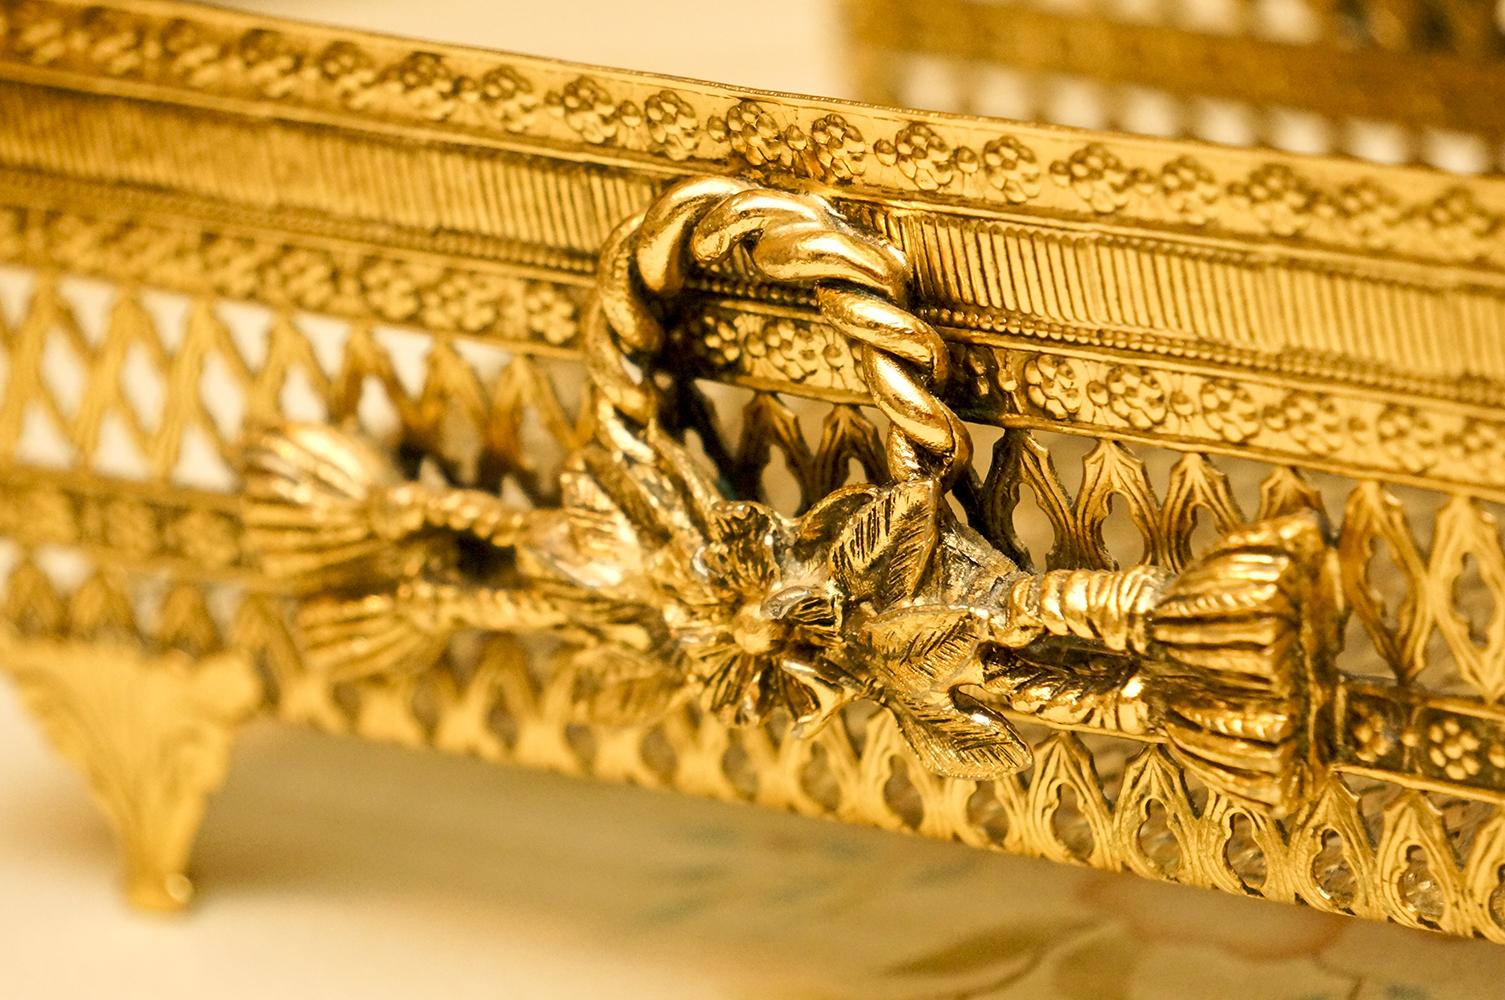 スタイルビルト製 ゴールド ロープとお花 タオルホルダー 拡大